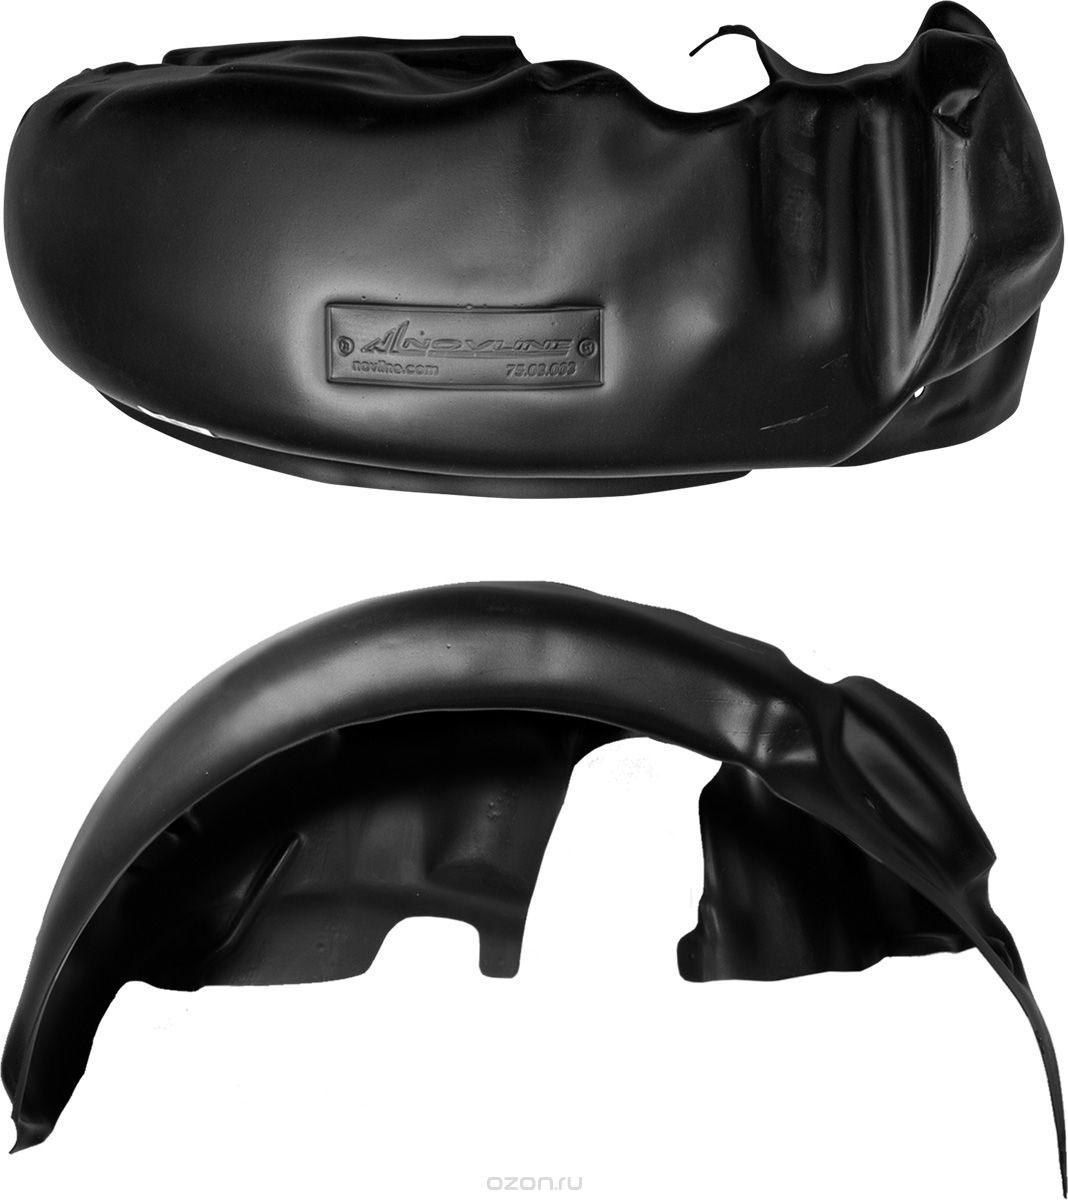 Подкрылок Novline-Autofamily, для HONDA Civic 4D, 2012->, задний правый42305008Идеальная защита колесной ниши. Локеры разработаны с применением цифровых технологий, гарантируют максимальную повторяемость поверхности арки. Изделия устанавливаются без нарушения лакокрасочного покрытия автомобиля, каждый подкрылок комплектуется крепежом. Уважаемые клиенты, обращаем ваше внимание, что фотографии на подкрылки универсальные и не отражают реальную форму изделия. При этом само изделие идет точно под размер указанного автомобиля.